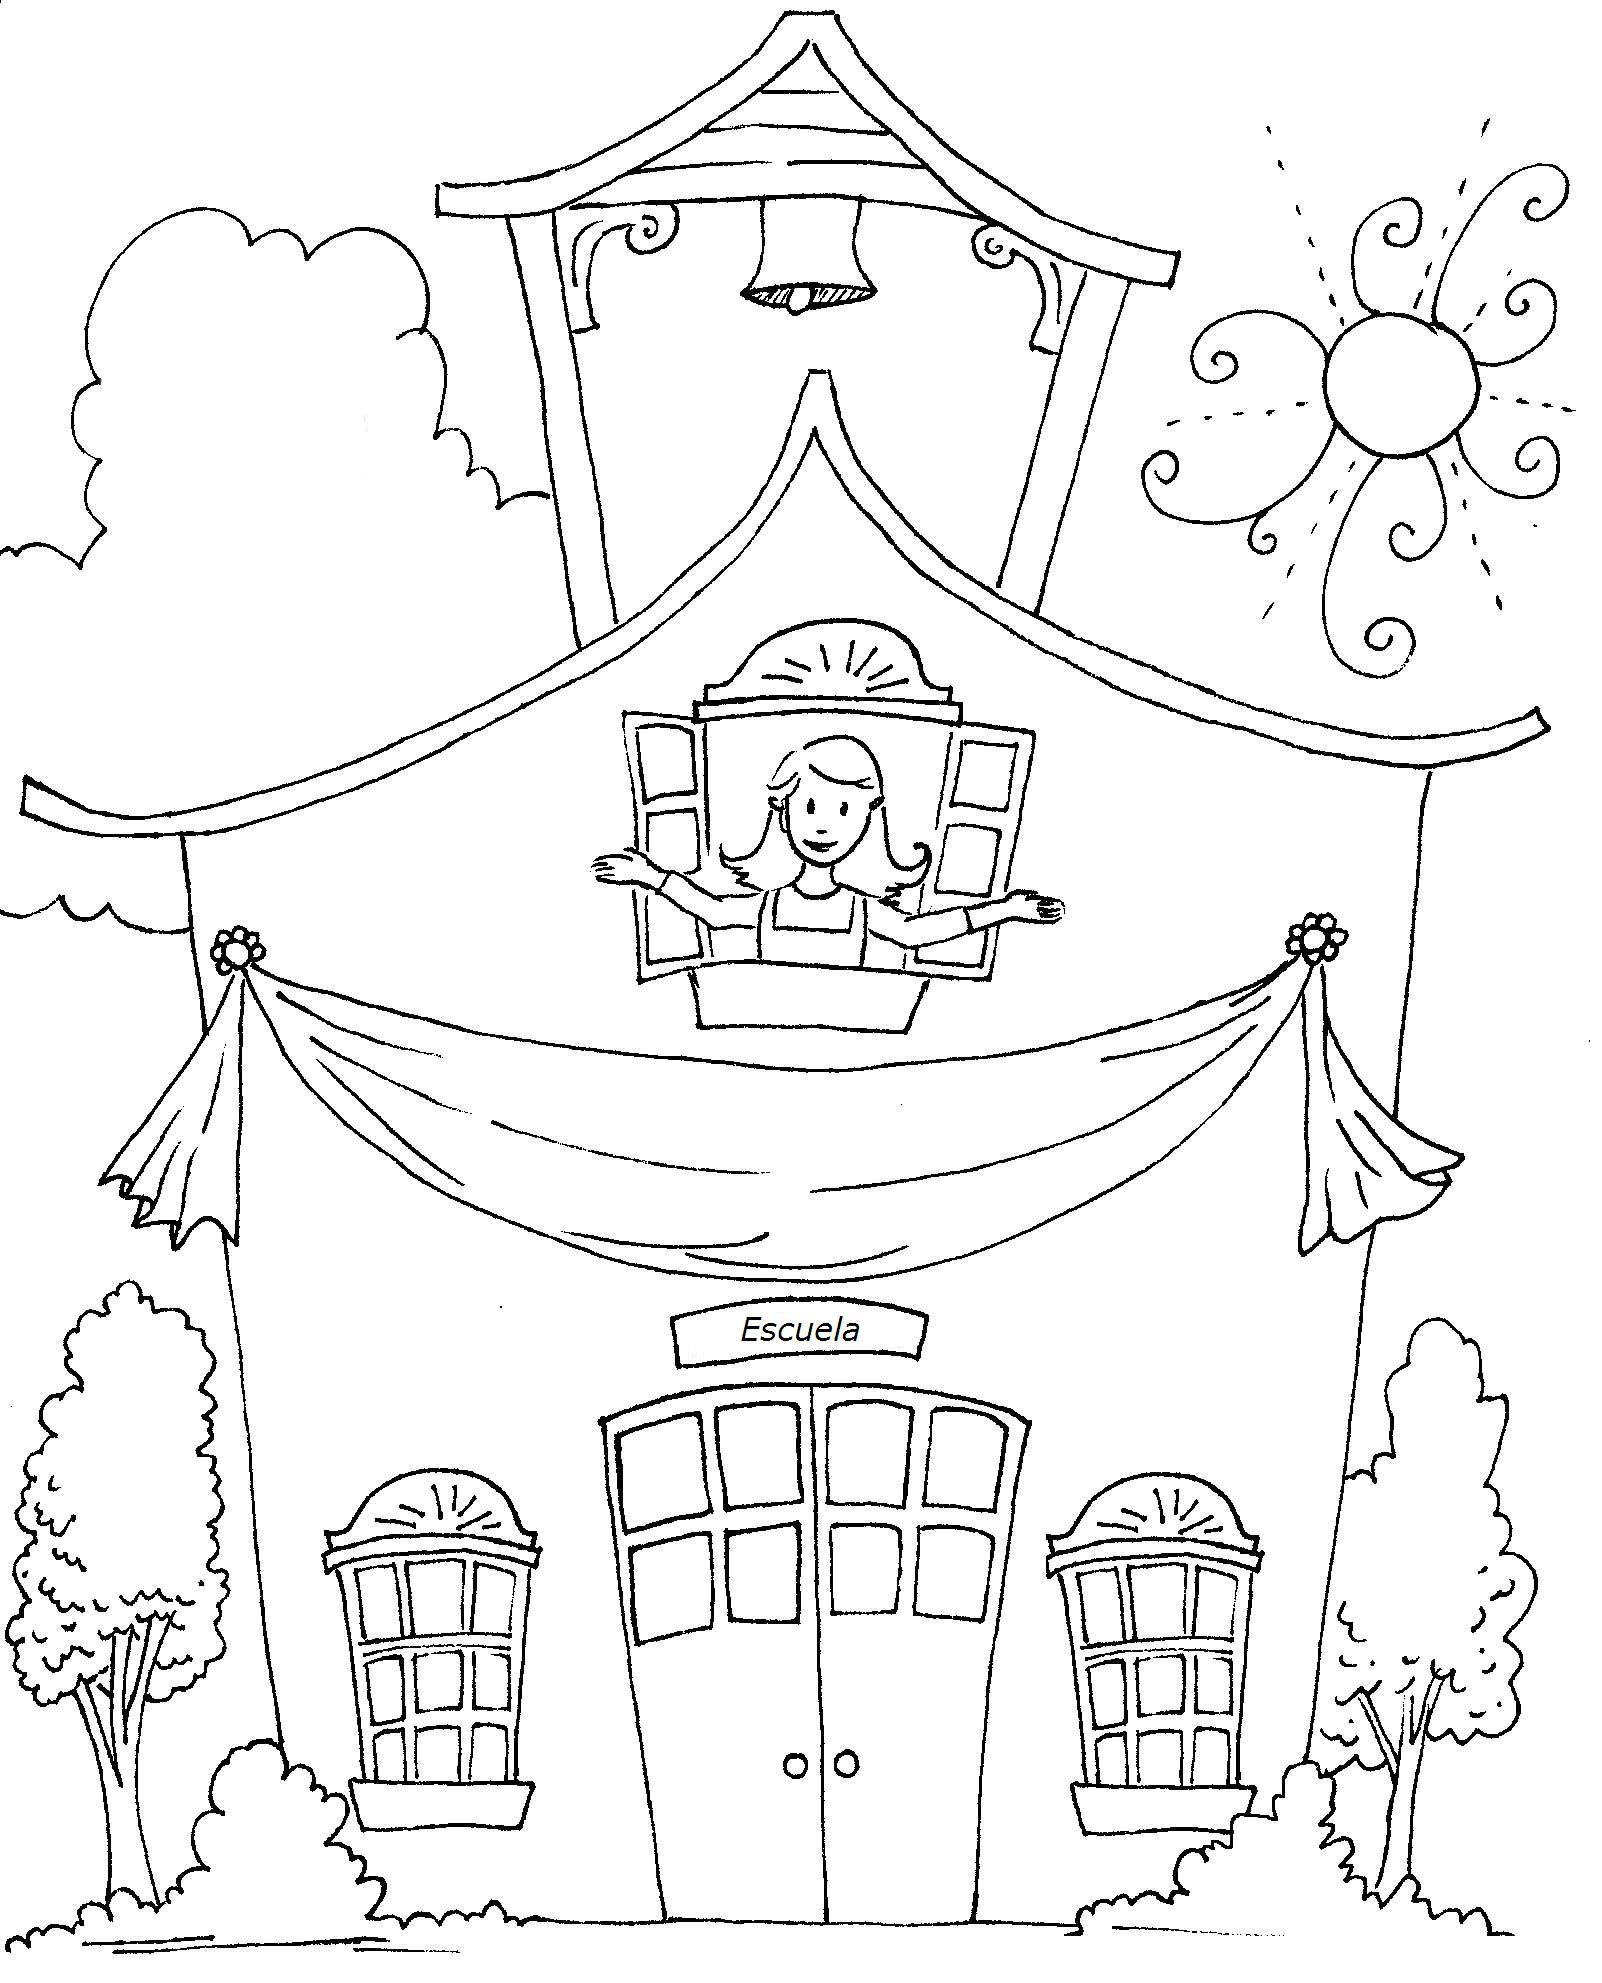 Imagen De Escuelas Para Colorear Archivos Dibujos Dibujos Dibujo